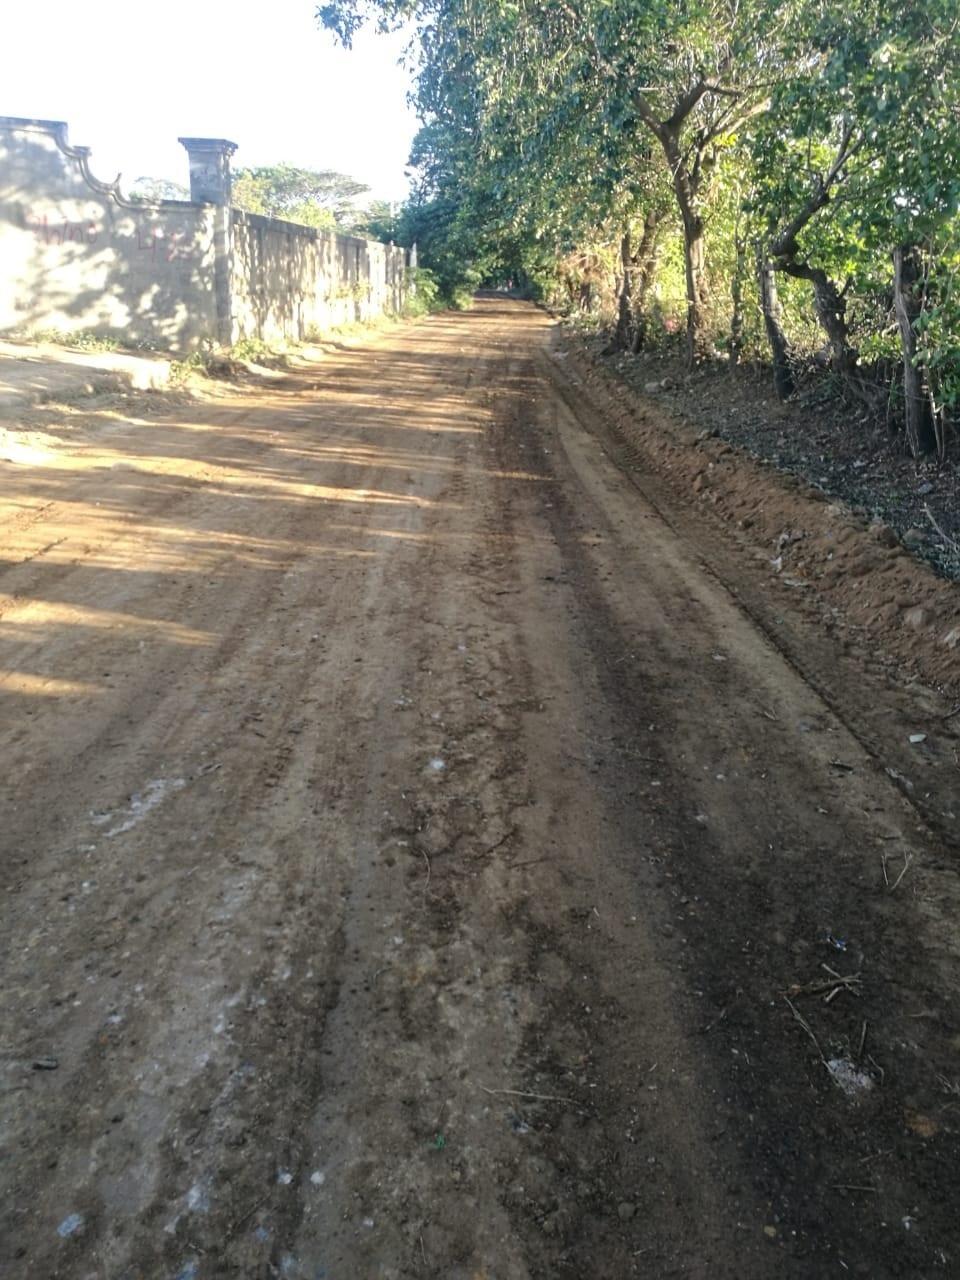 Elgobierno local de San Rafael del Sur lo hizo en 5 kilómetros, en las comunidadesLa Junta Sur, Los Narváez y Los Espinocitas.